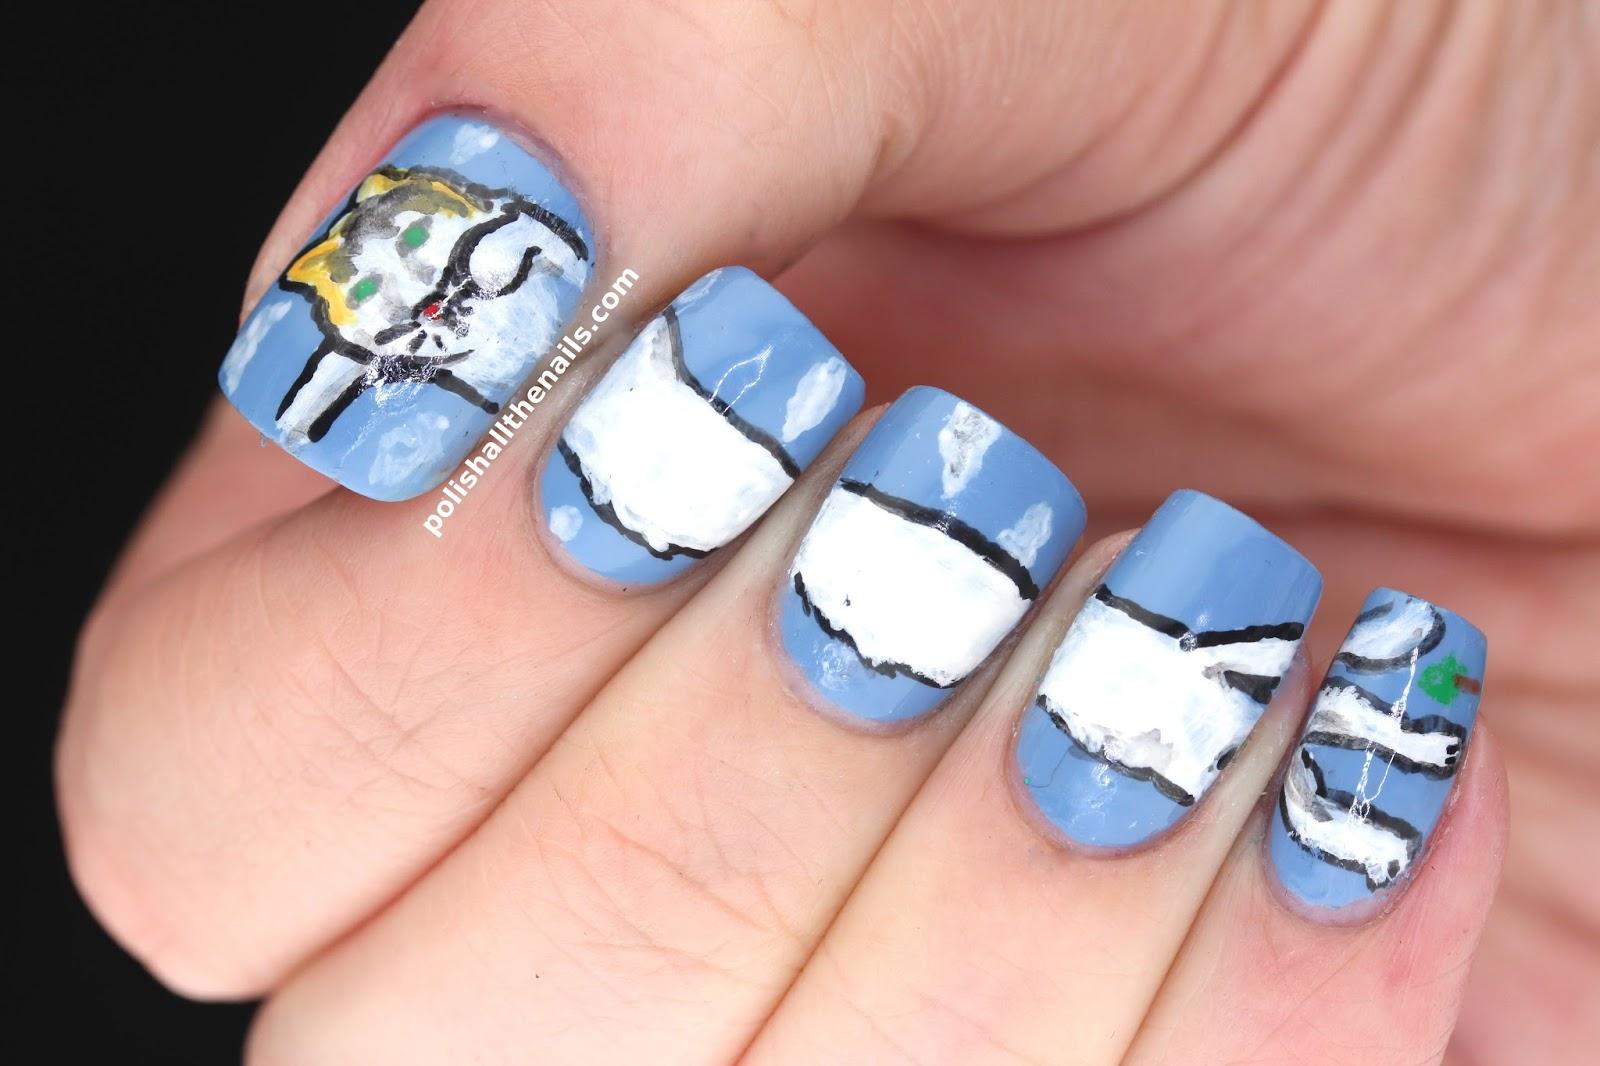 Nail Art: Long Cat Nails!